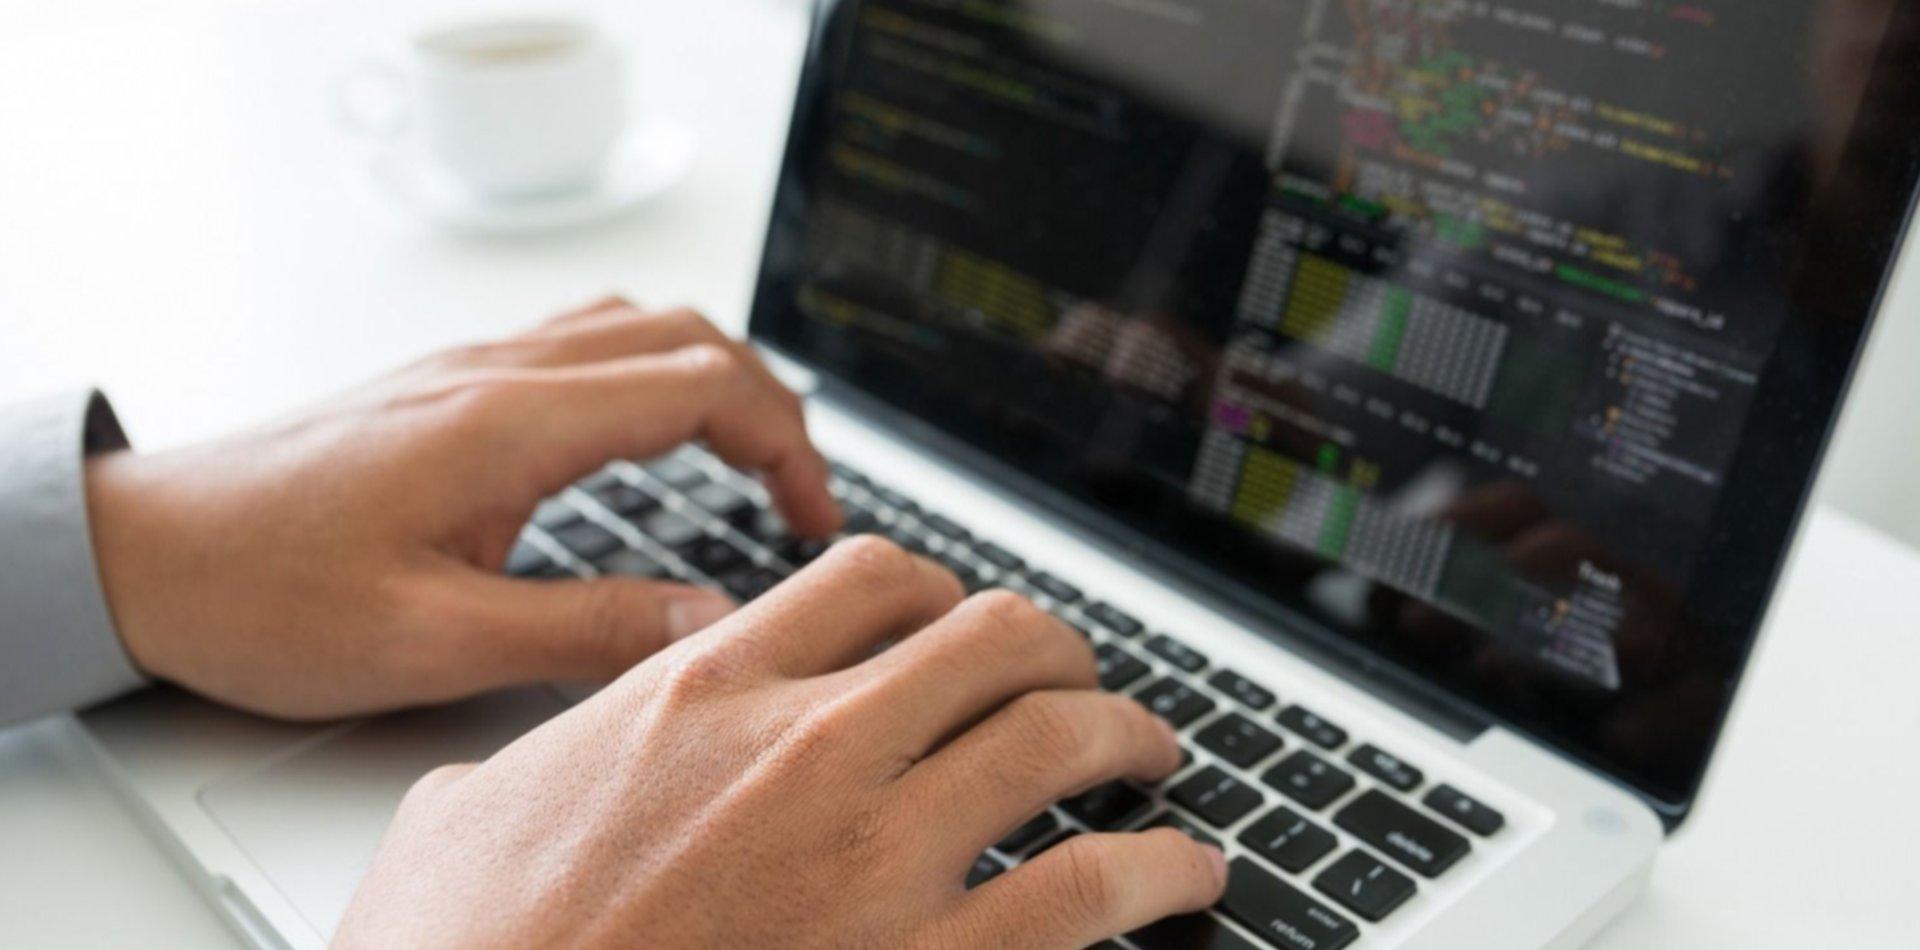 Oferta laboral: La UNLP busca programadores para una importante empresa en La Plata